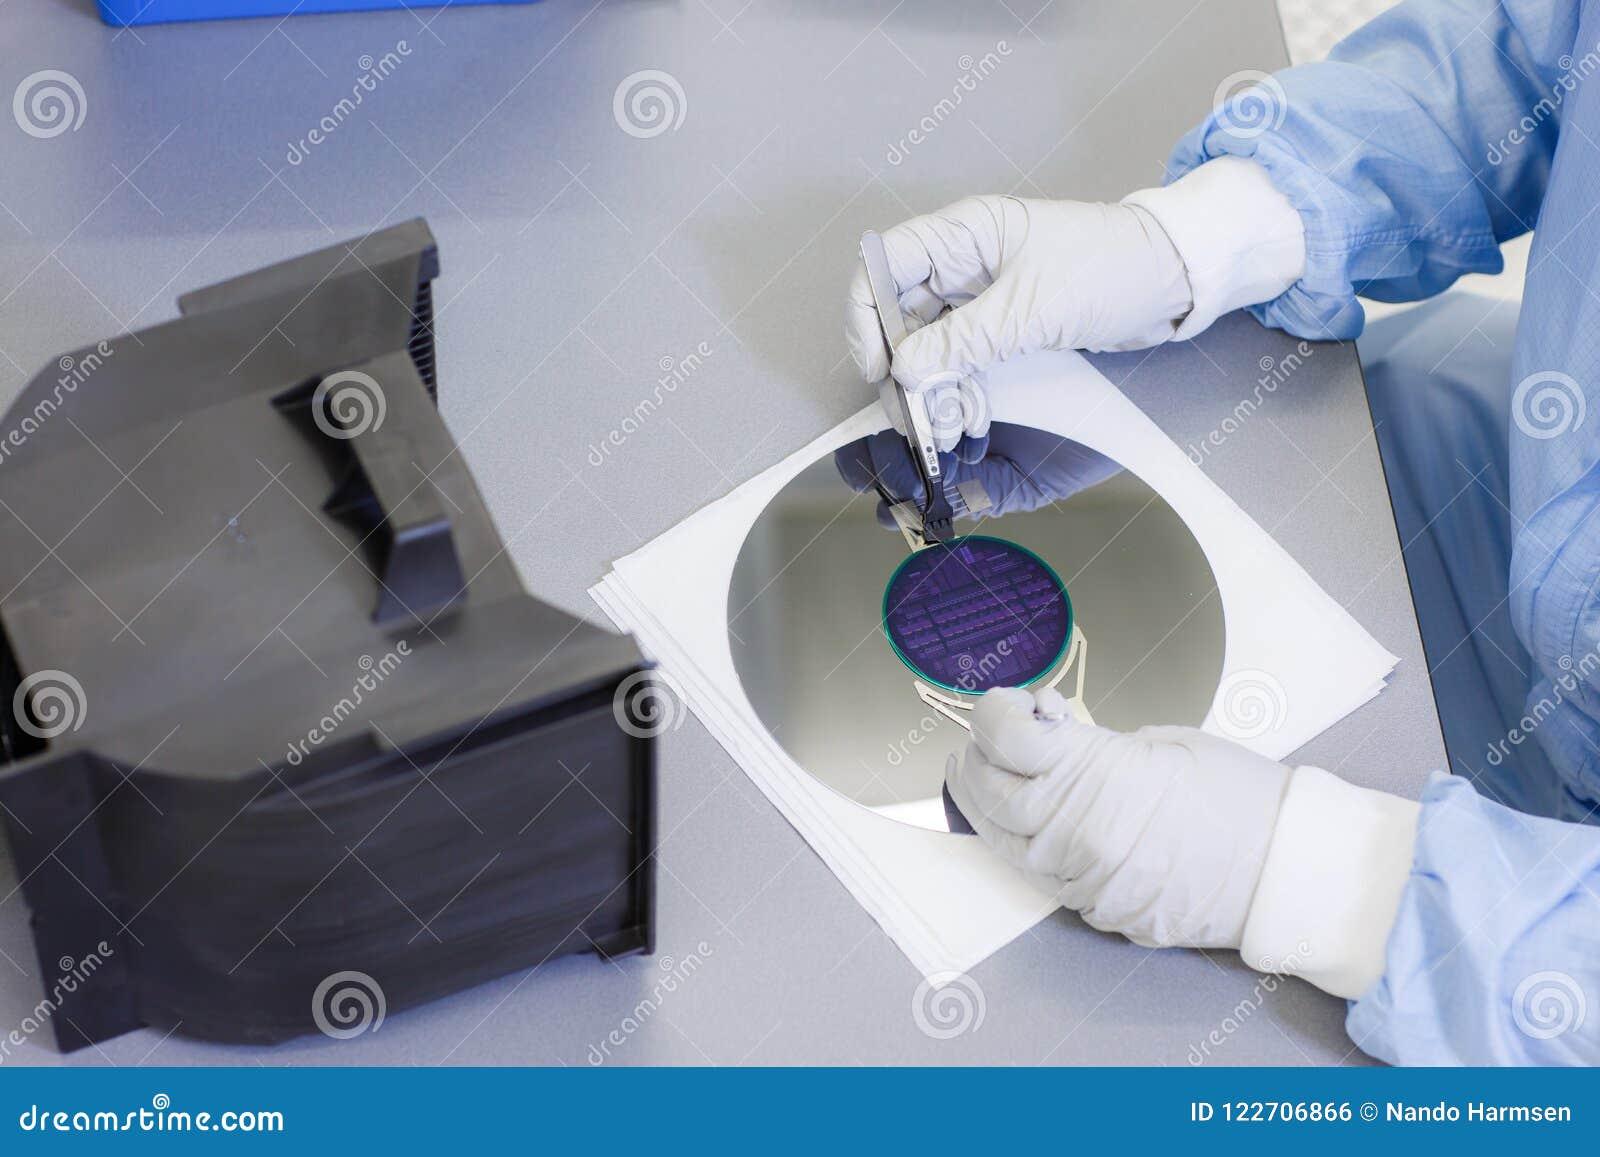 Manipulação de uma bolacha e carregamento dela em uma gaveta da bolacha